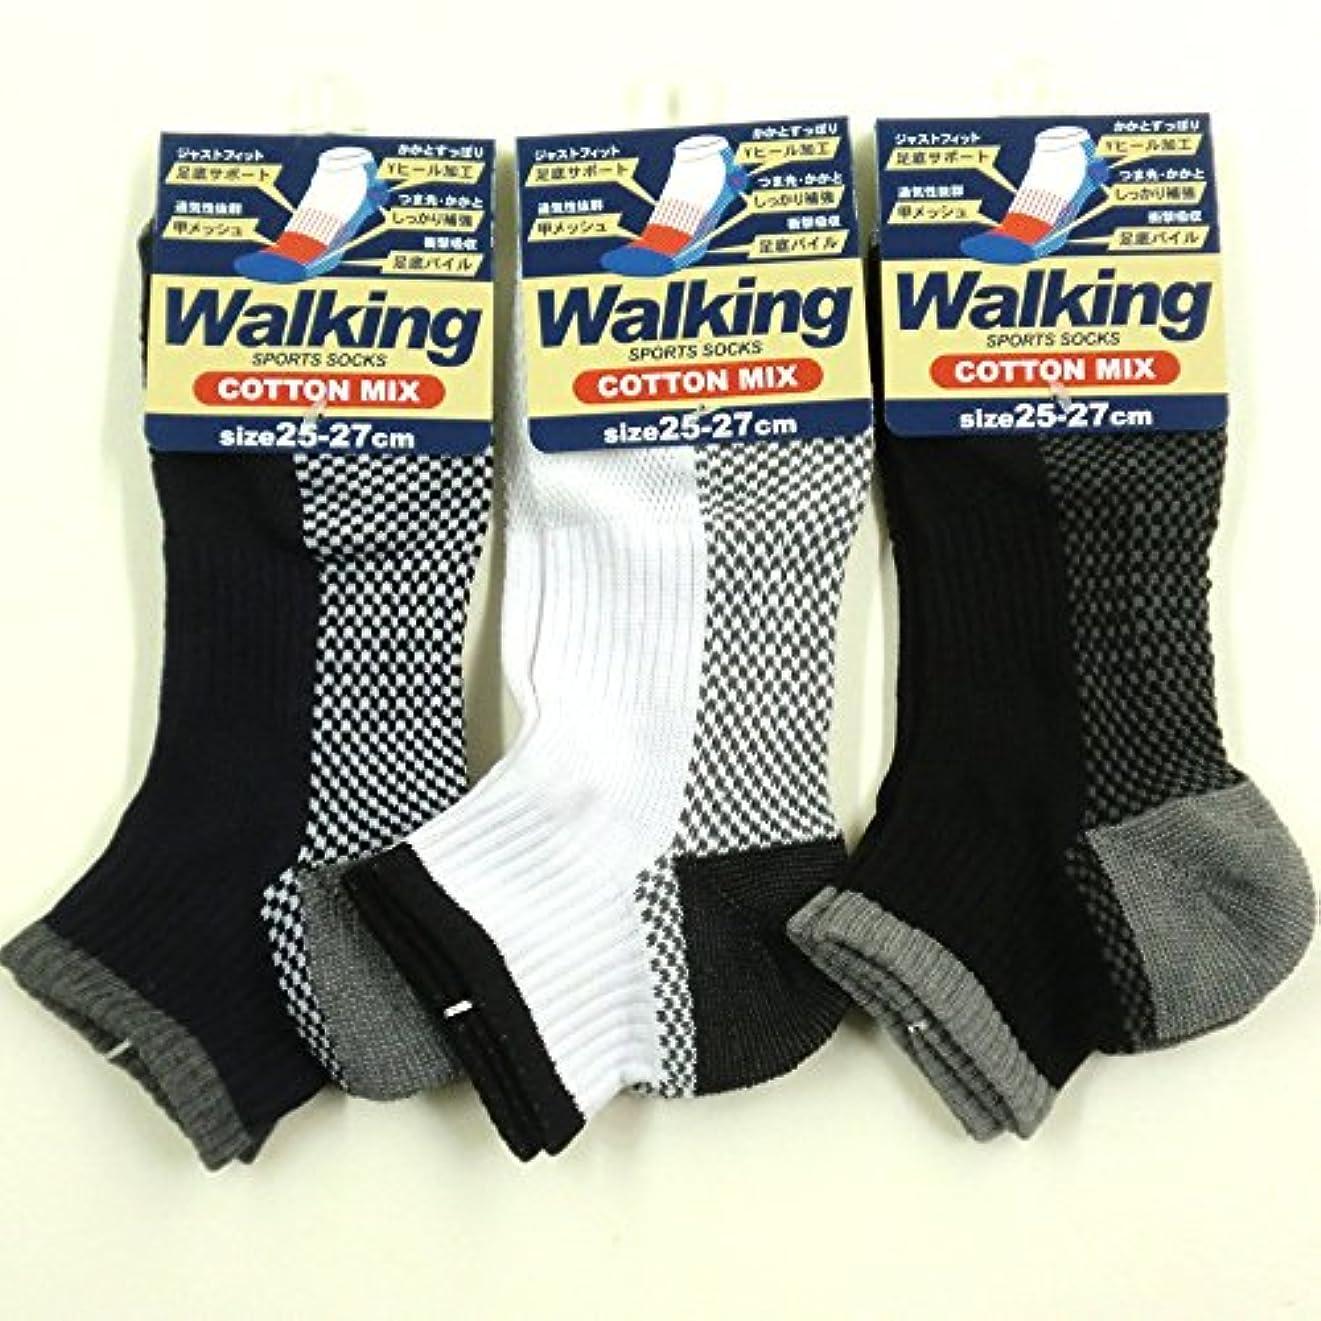 雇用冷蔵庫法廷スニーカー ソックス メンズ ウォーキング 靴下 綿混 足底パイル 25-27cm 3足セット